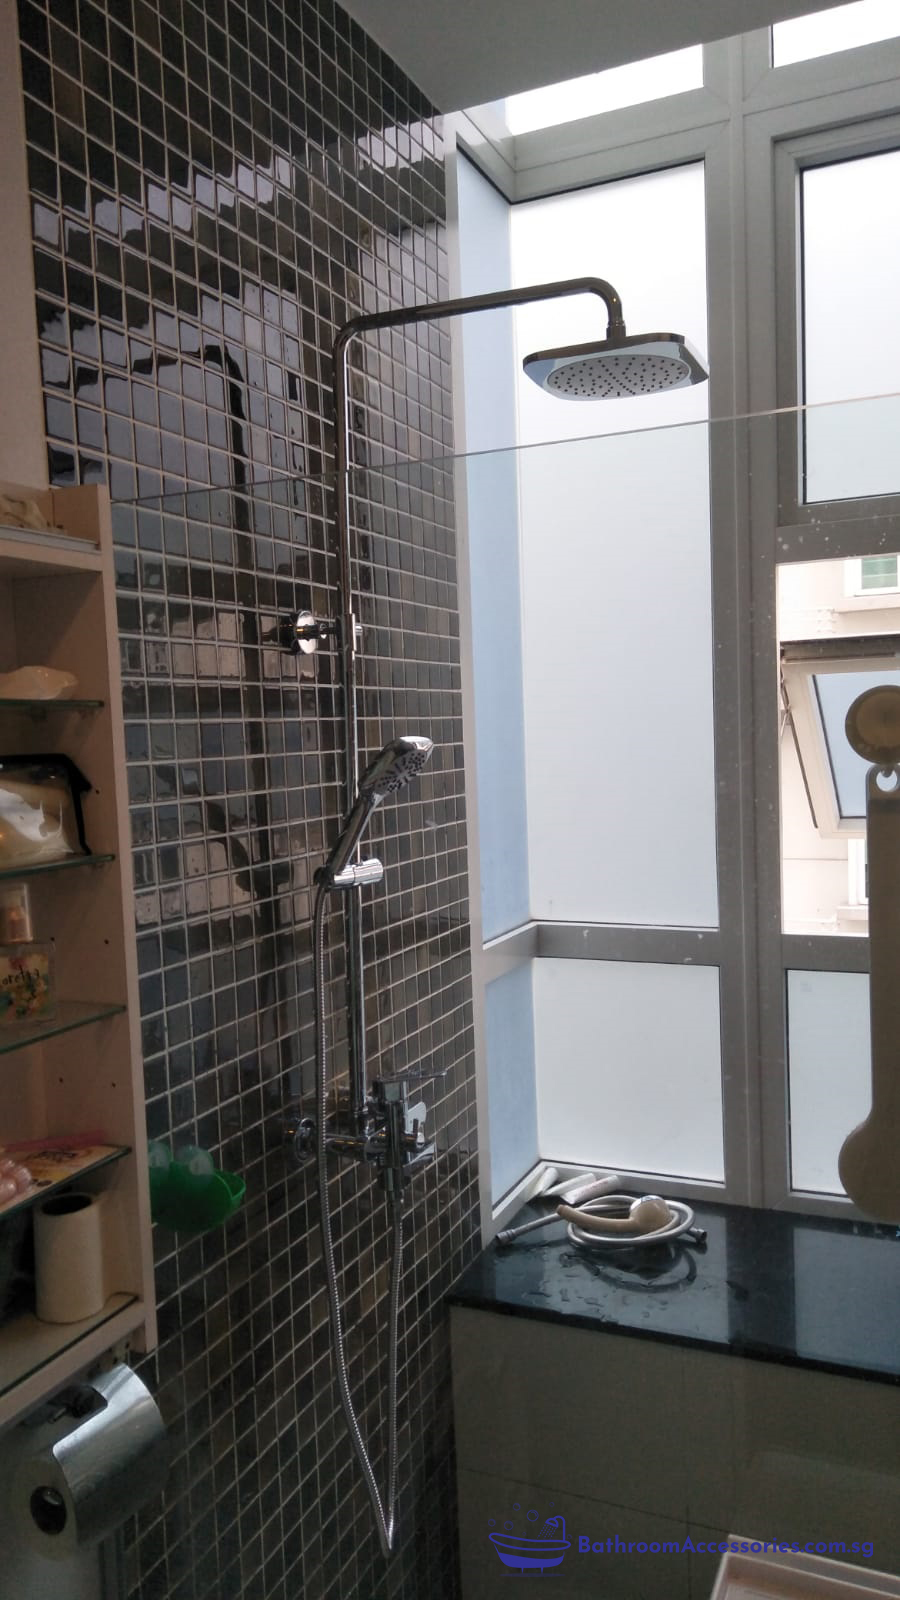 Bathroom Accessories Rainshower Installation In Singapore ...